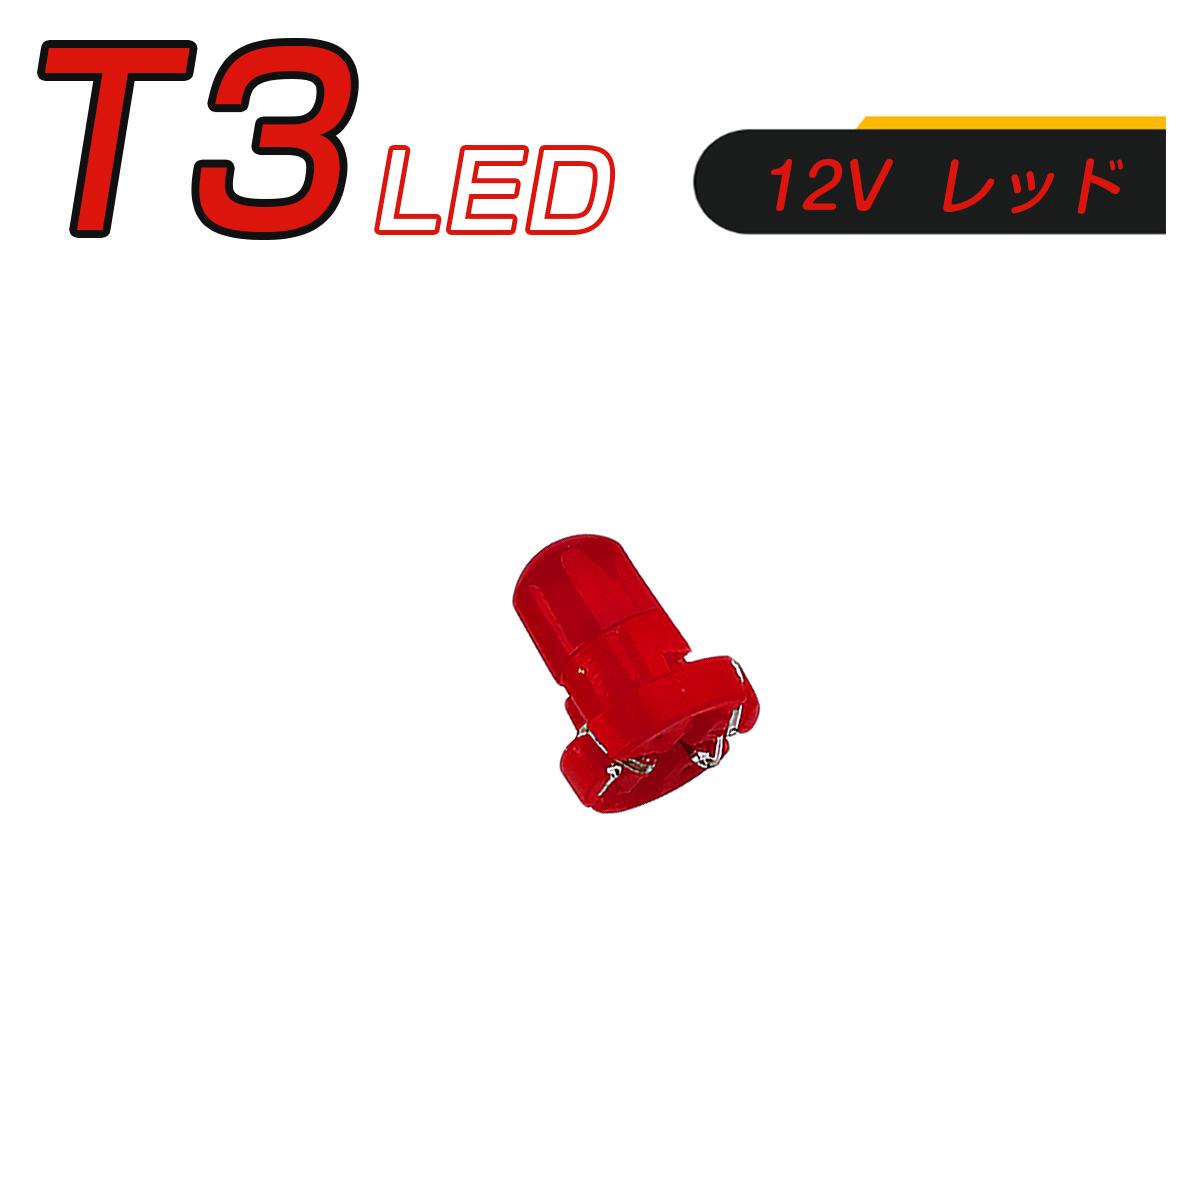 LED T3 SMD 赤 メーター球 タコランプ インジケーター エアコンパネル 超拡散 全面発光 2個セット SDM便送料無料 1ヶ月保証